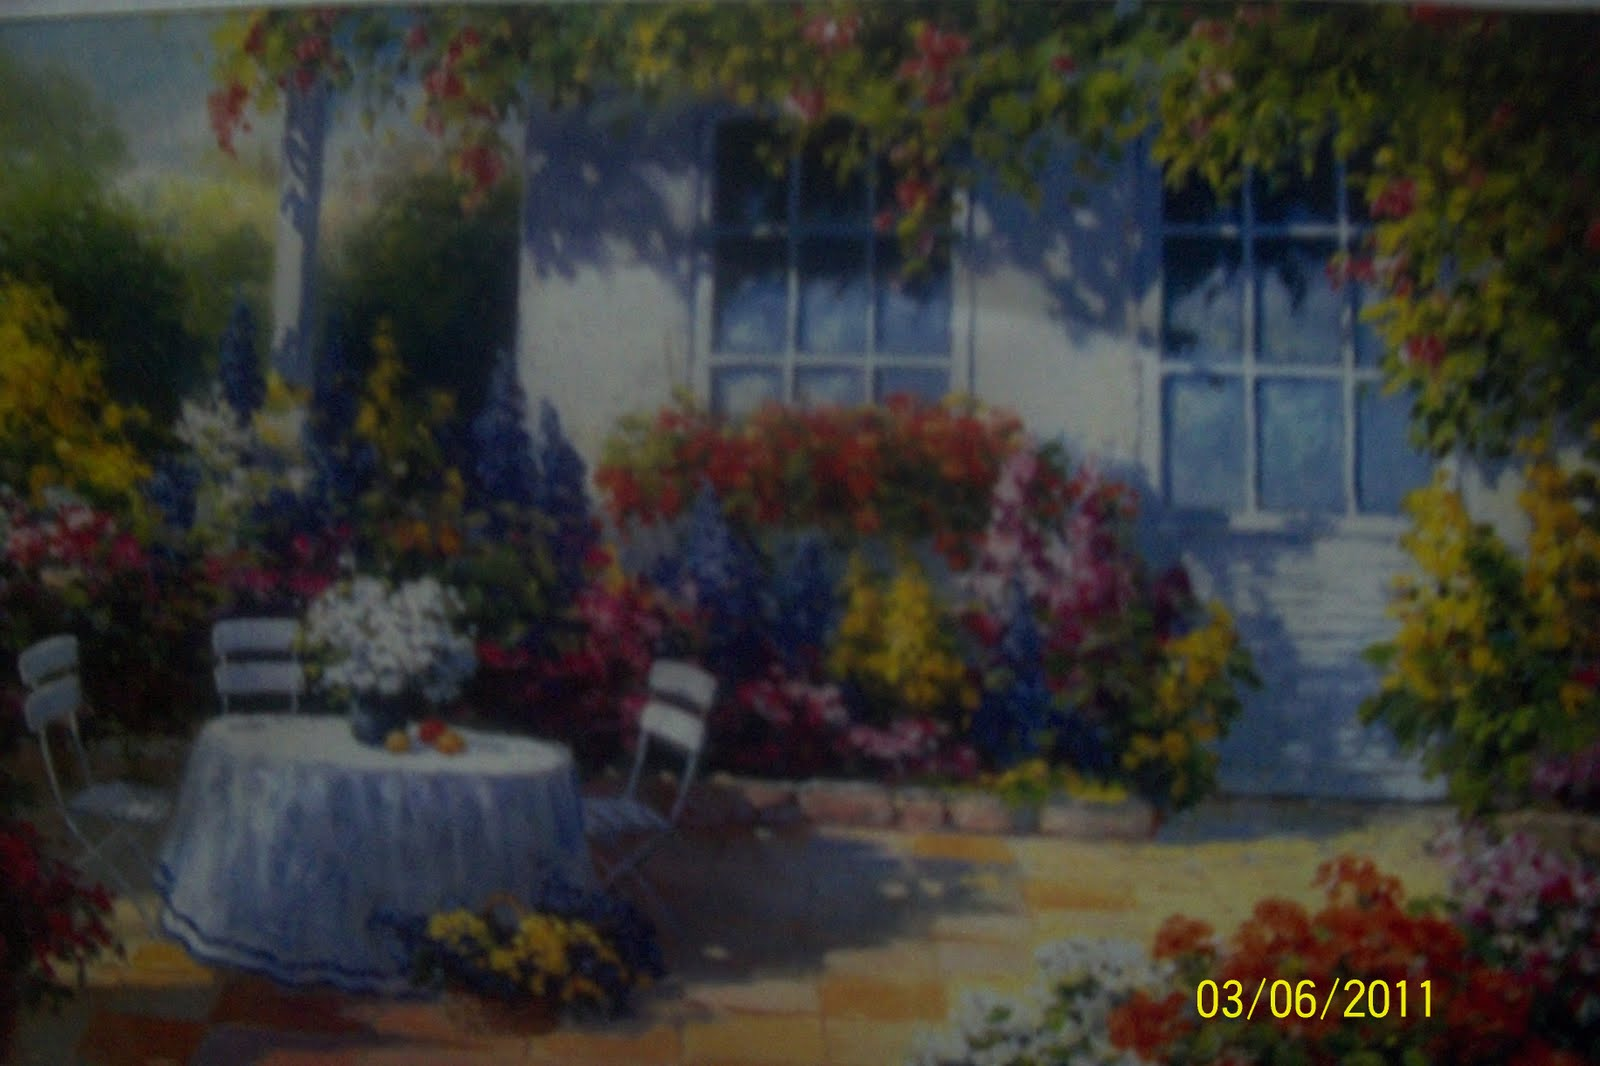 Contoh blog tadika fontoh for Contoh lukisan mural tadika